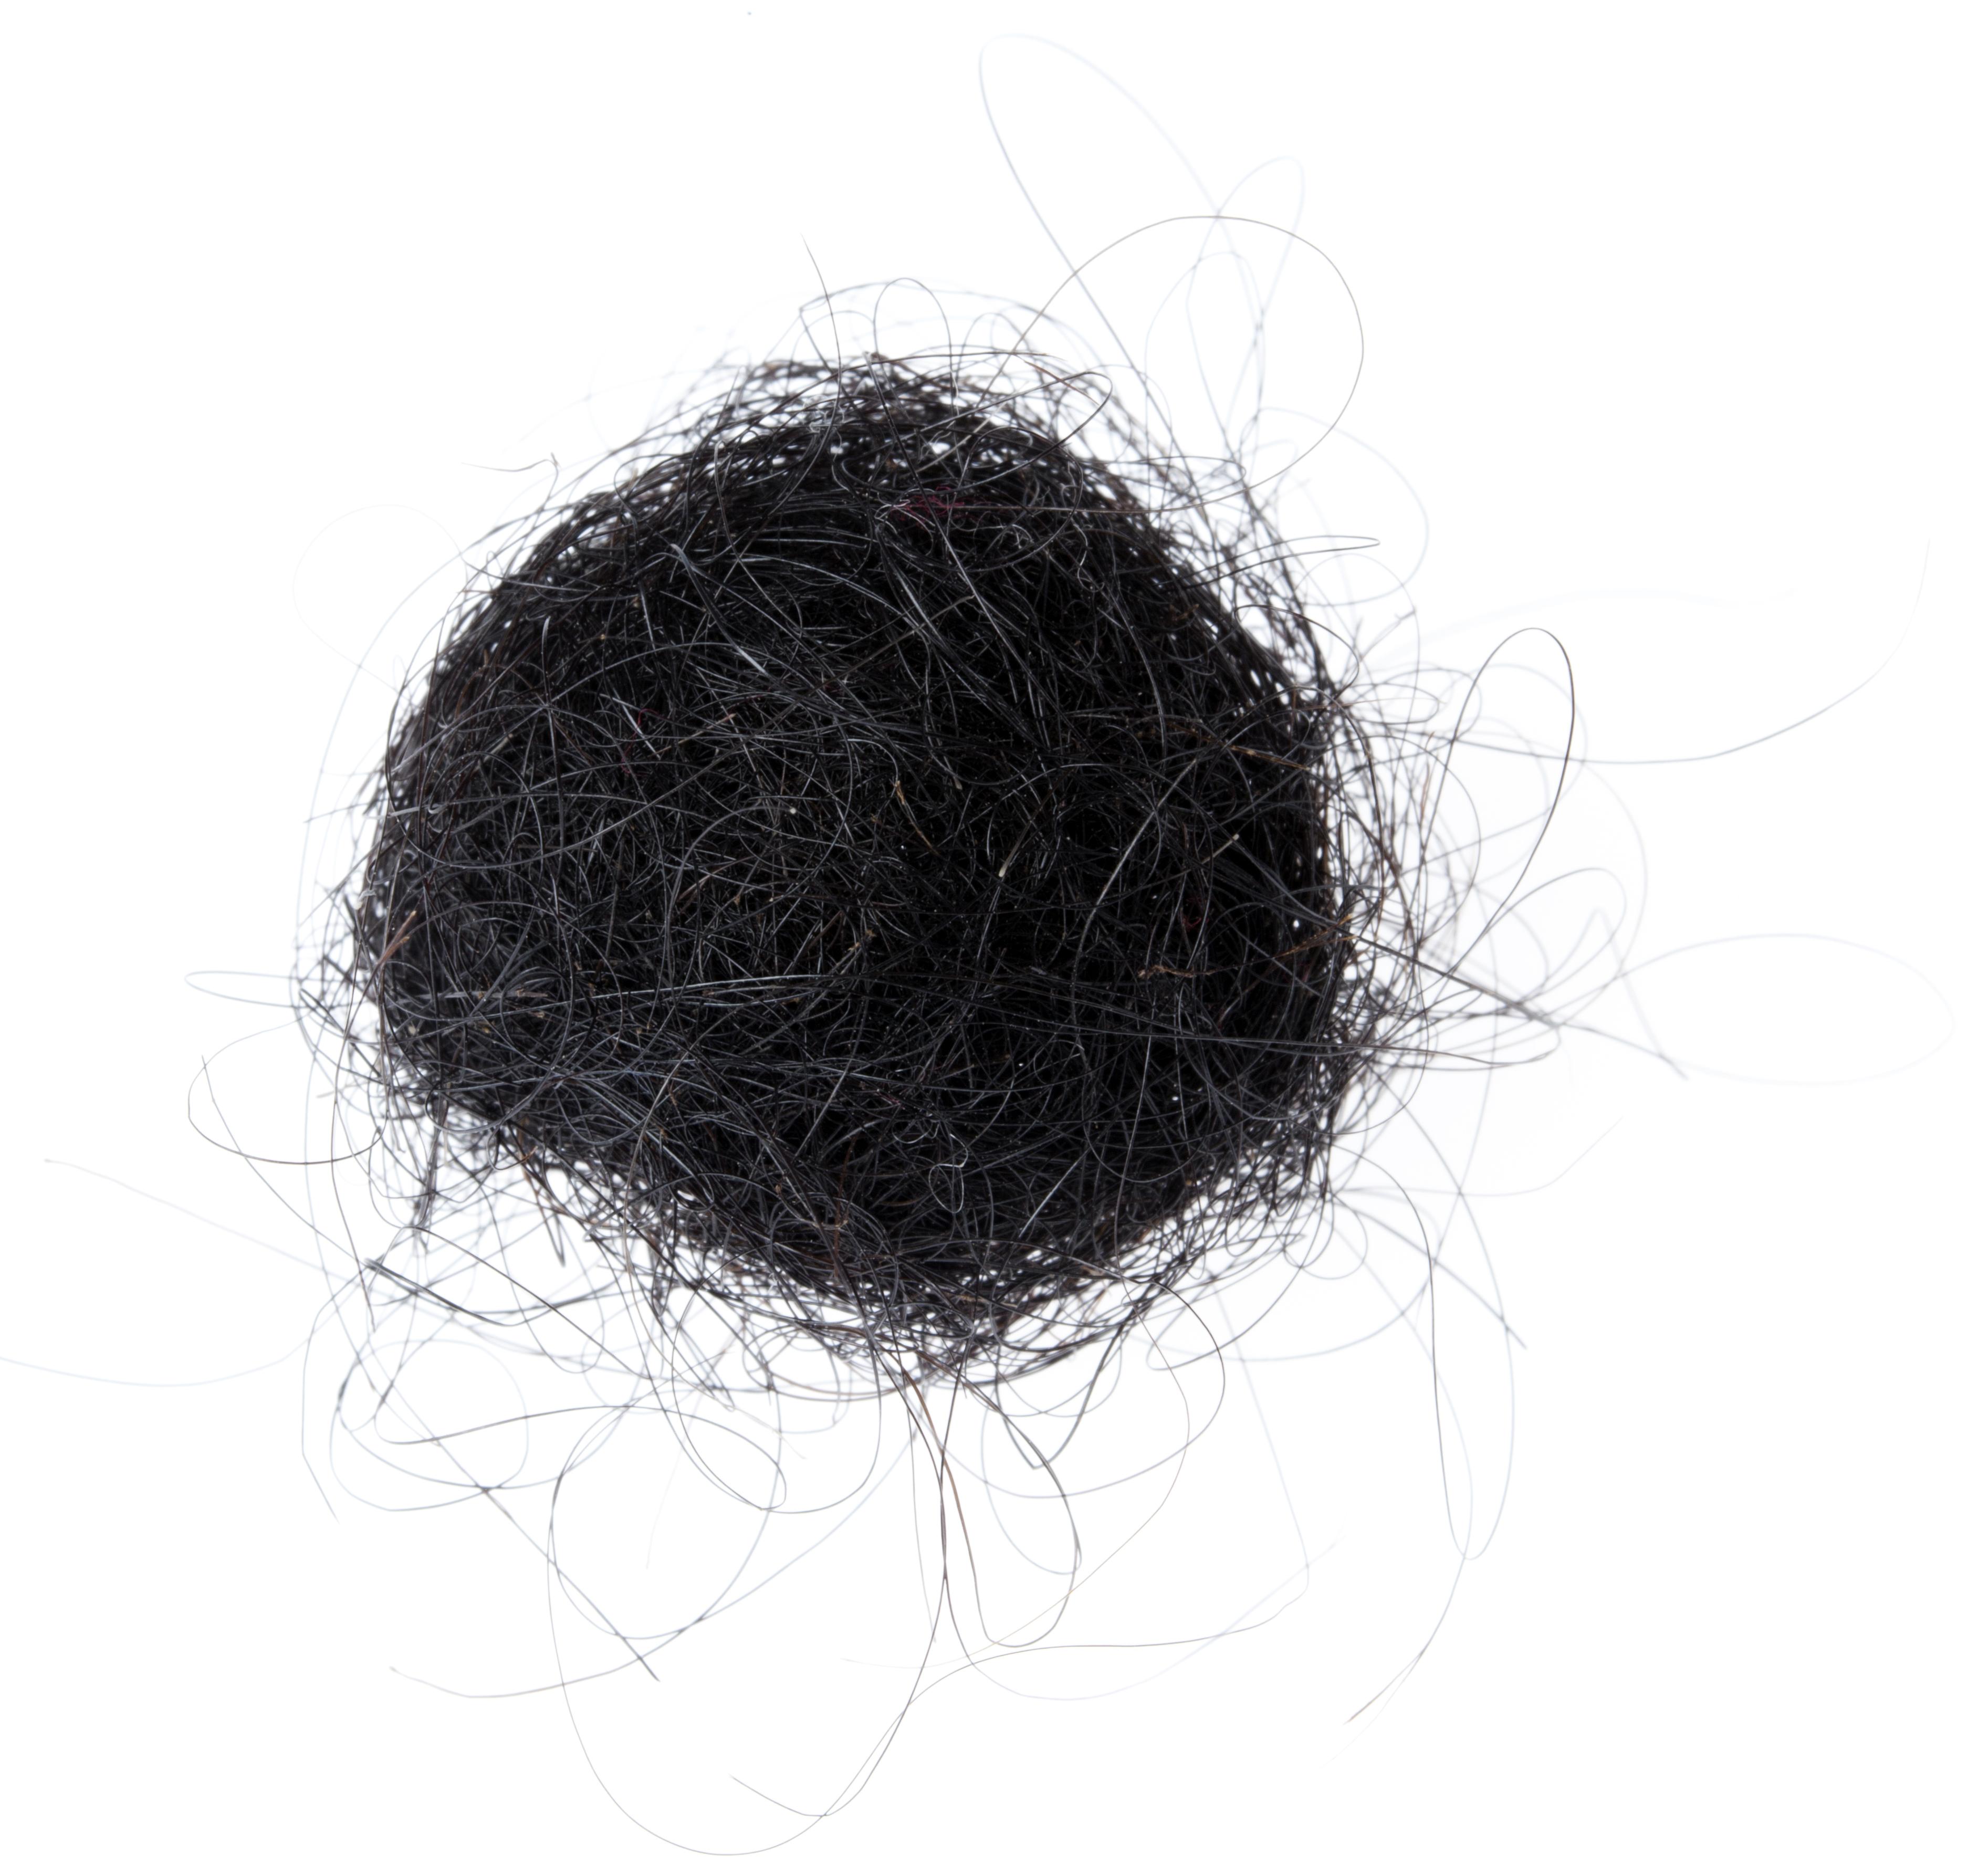 hårboll